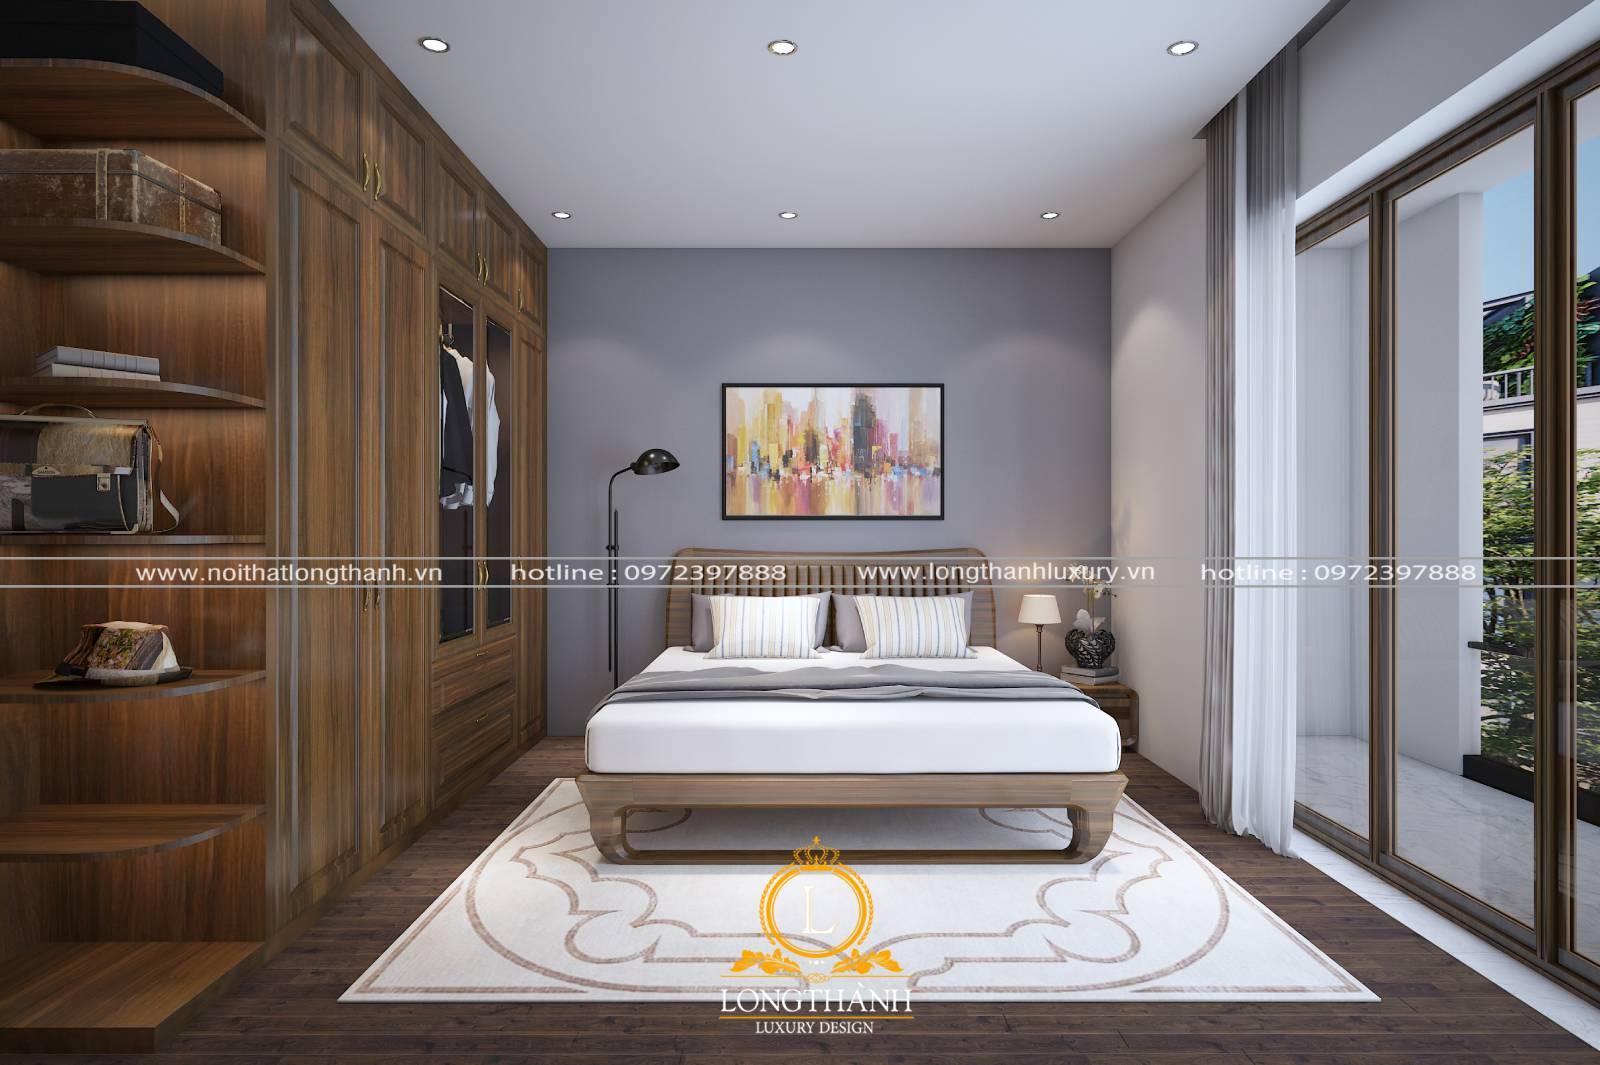 Giường tủ làm từ chất liệu gỗ tự nhiên cao cấp